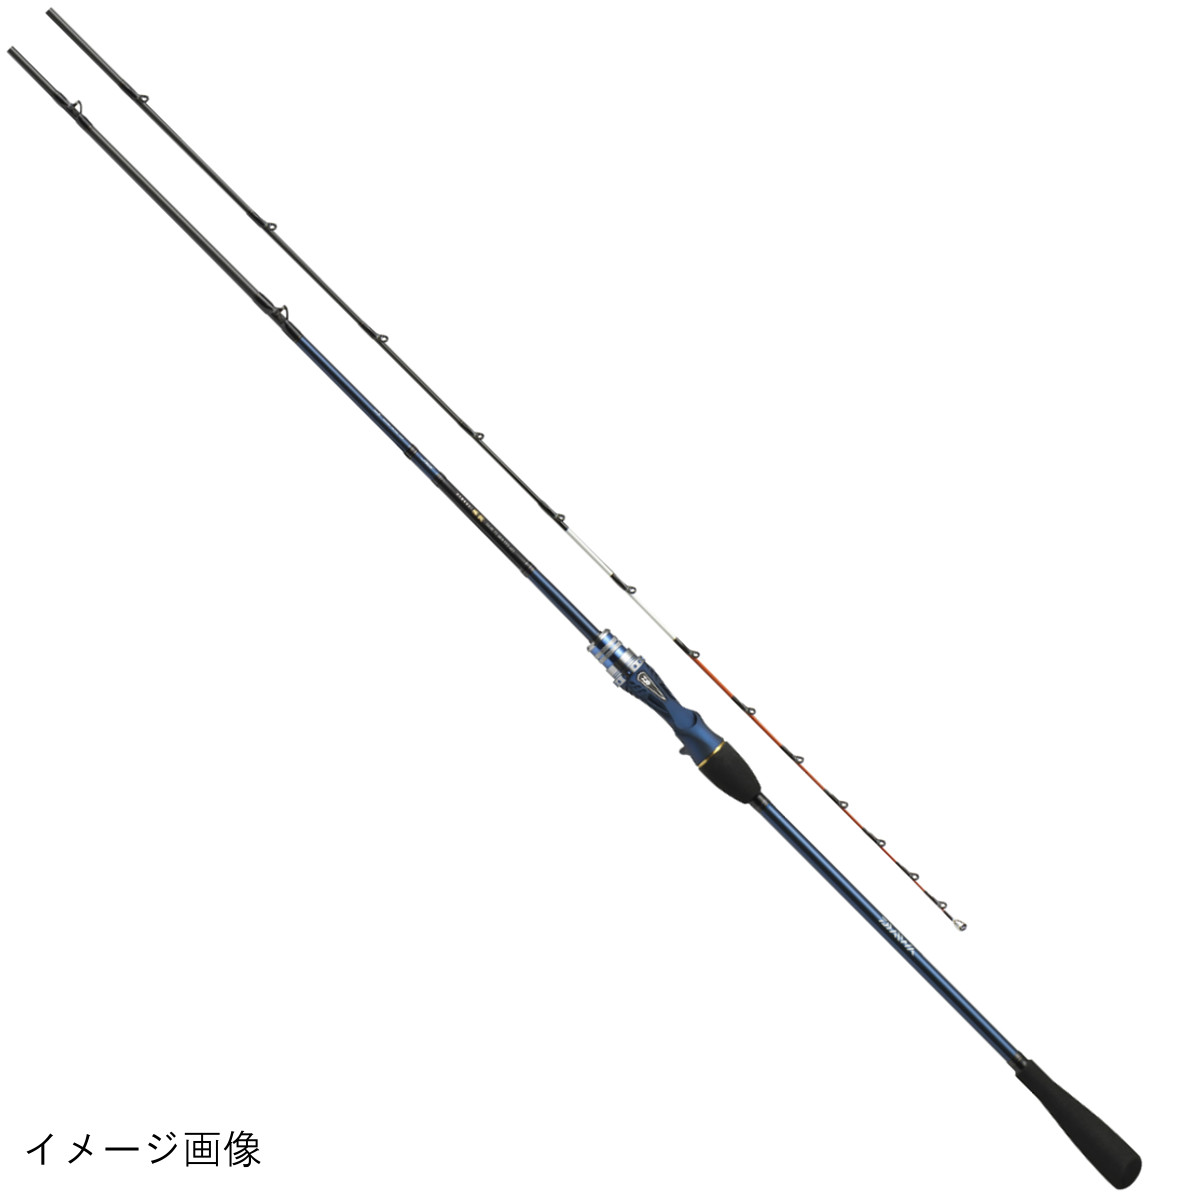 ダイワ 極鋭ゲーム 73 M-193 AGS【大型商品】